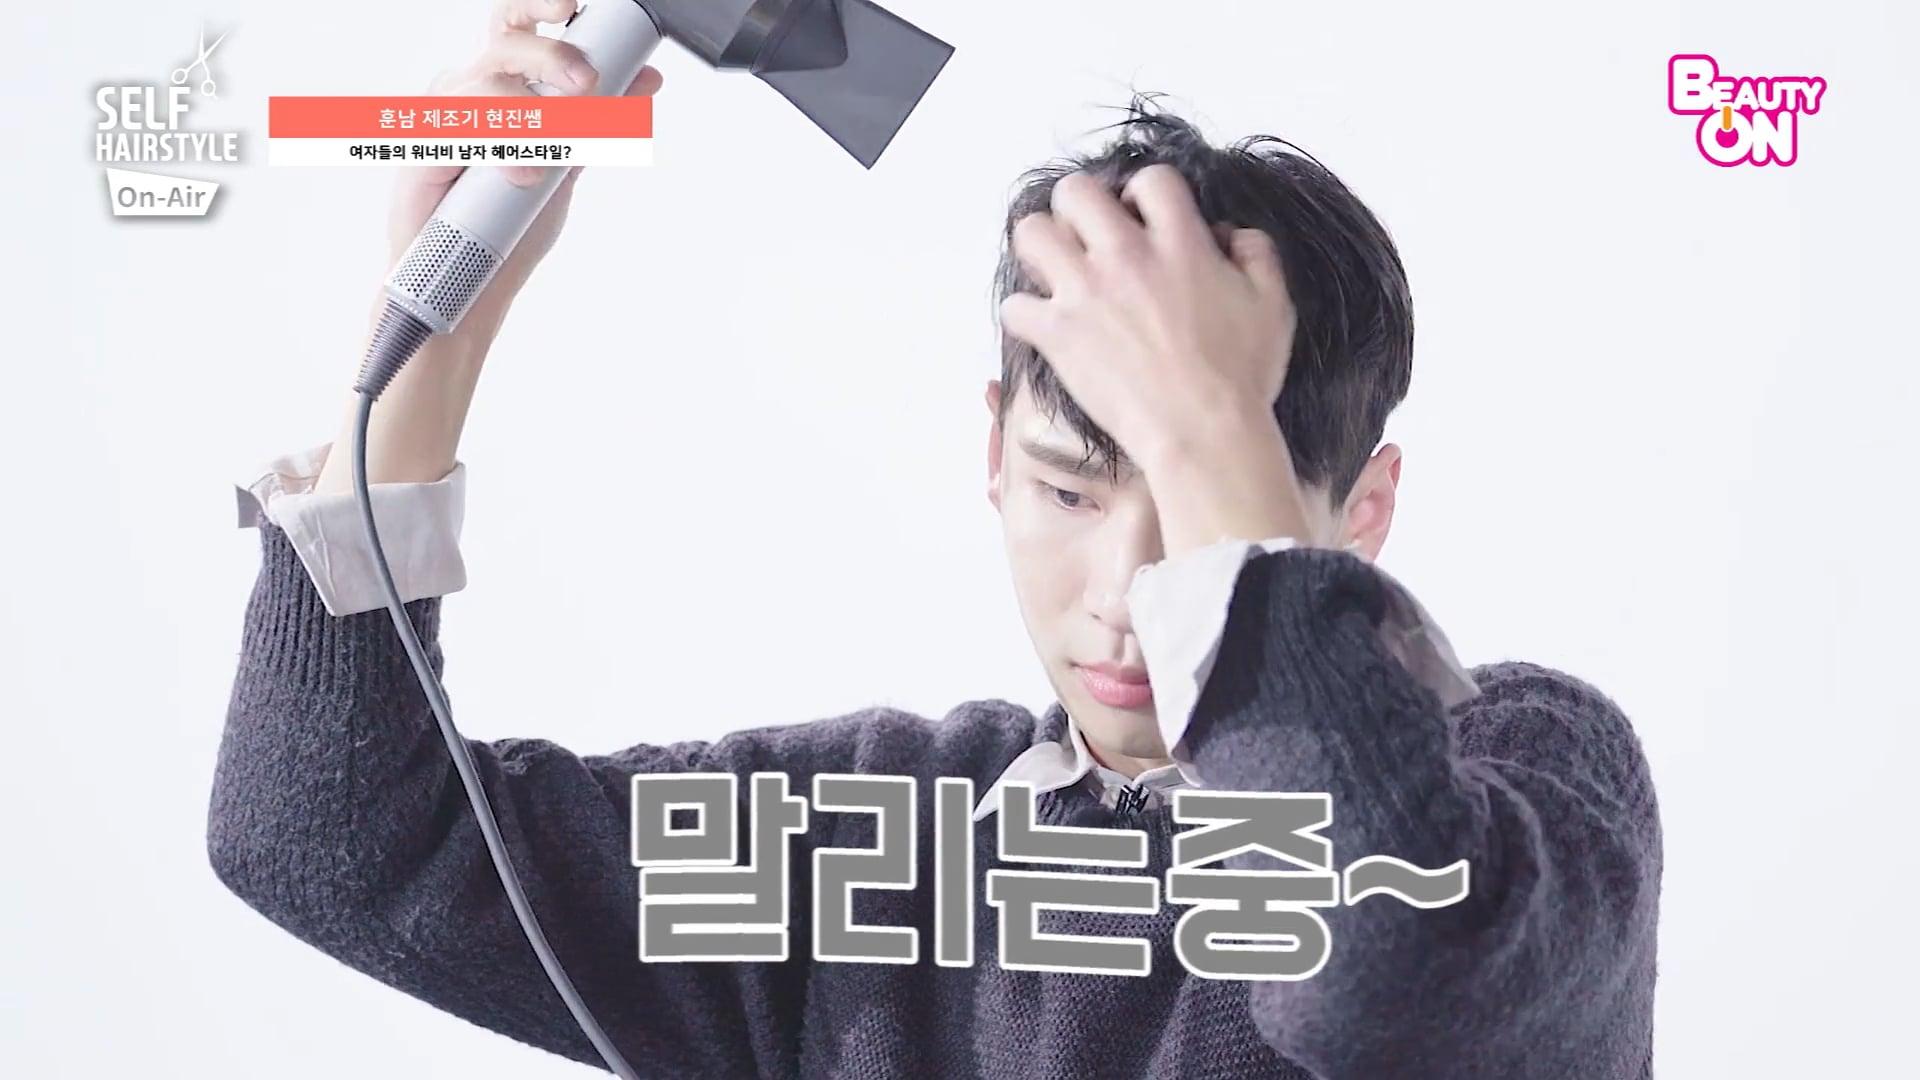 [YOUTUBE] 뷰티온_이철헤어커커_ep4_